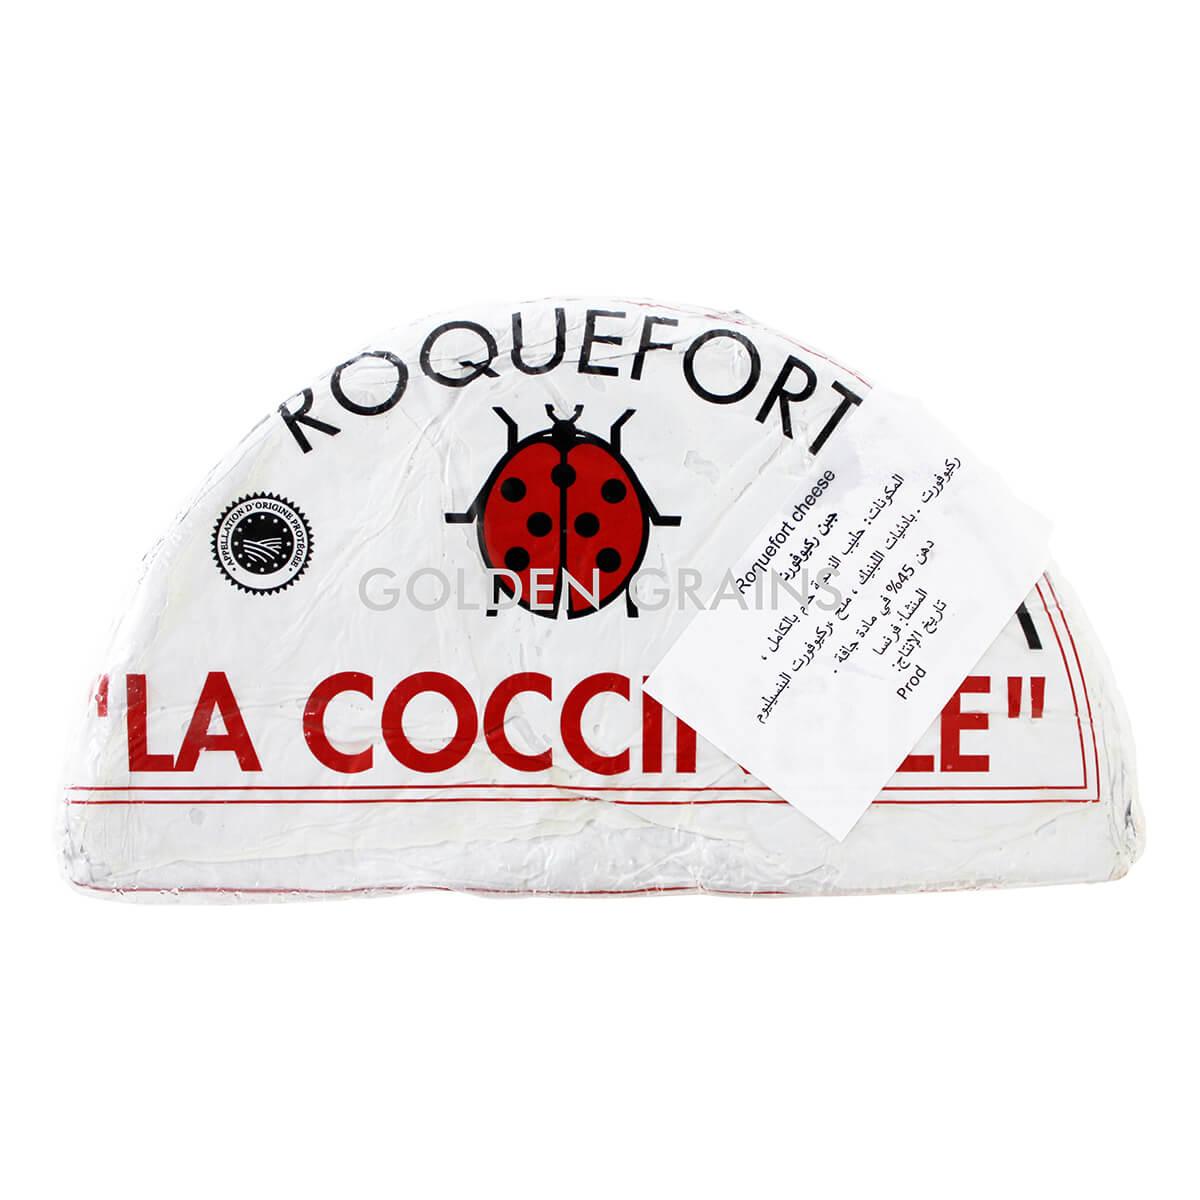 La Coccinelle Roquefort